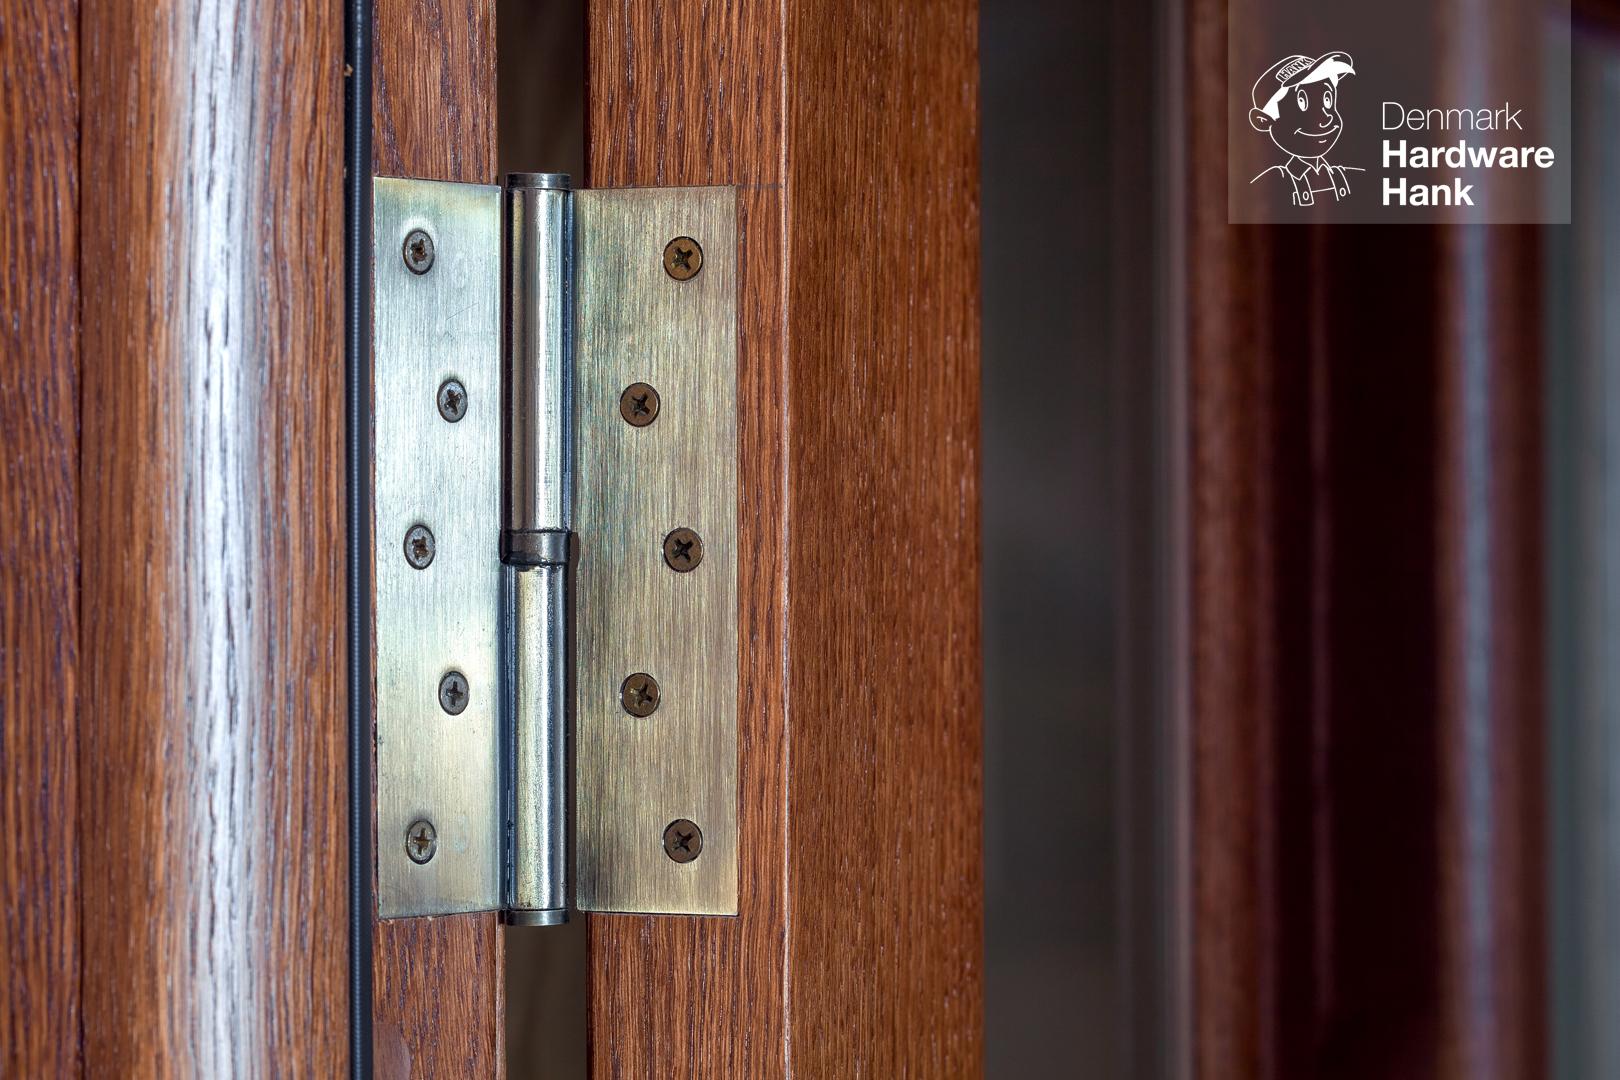 Denmark Hardware Hank door hinge furniture.